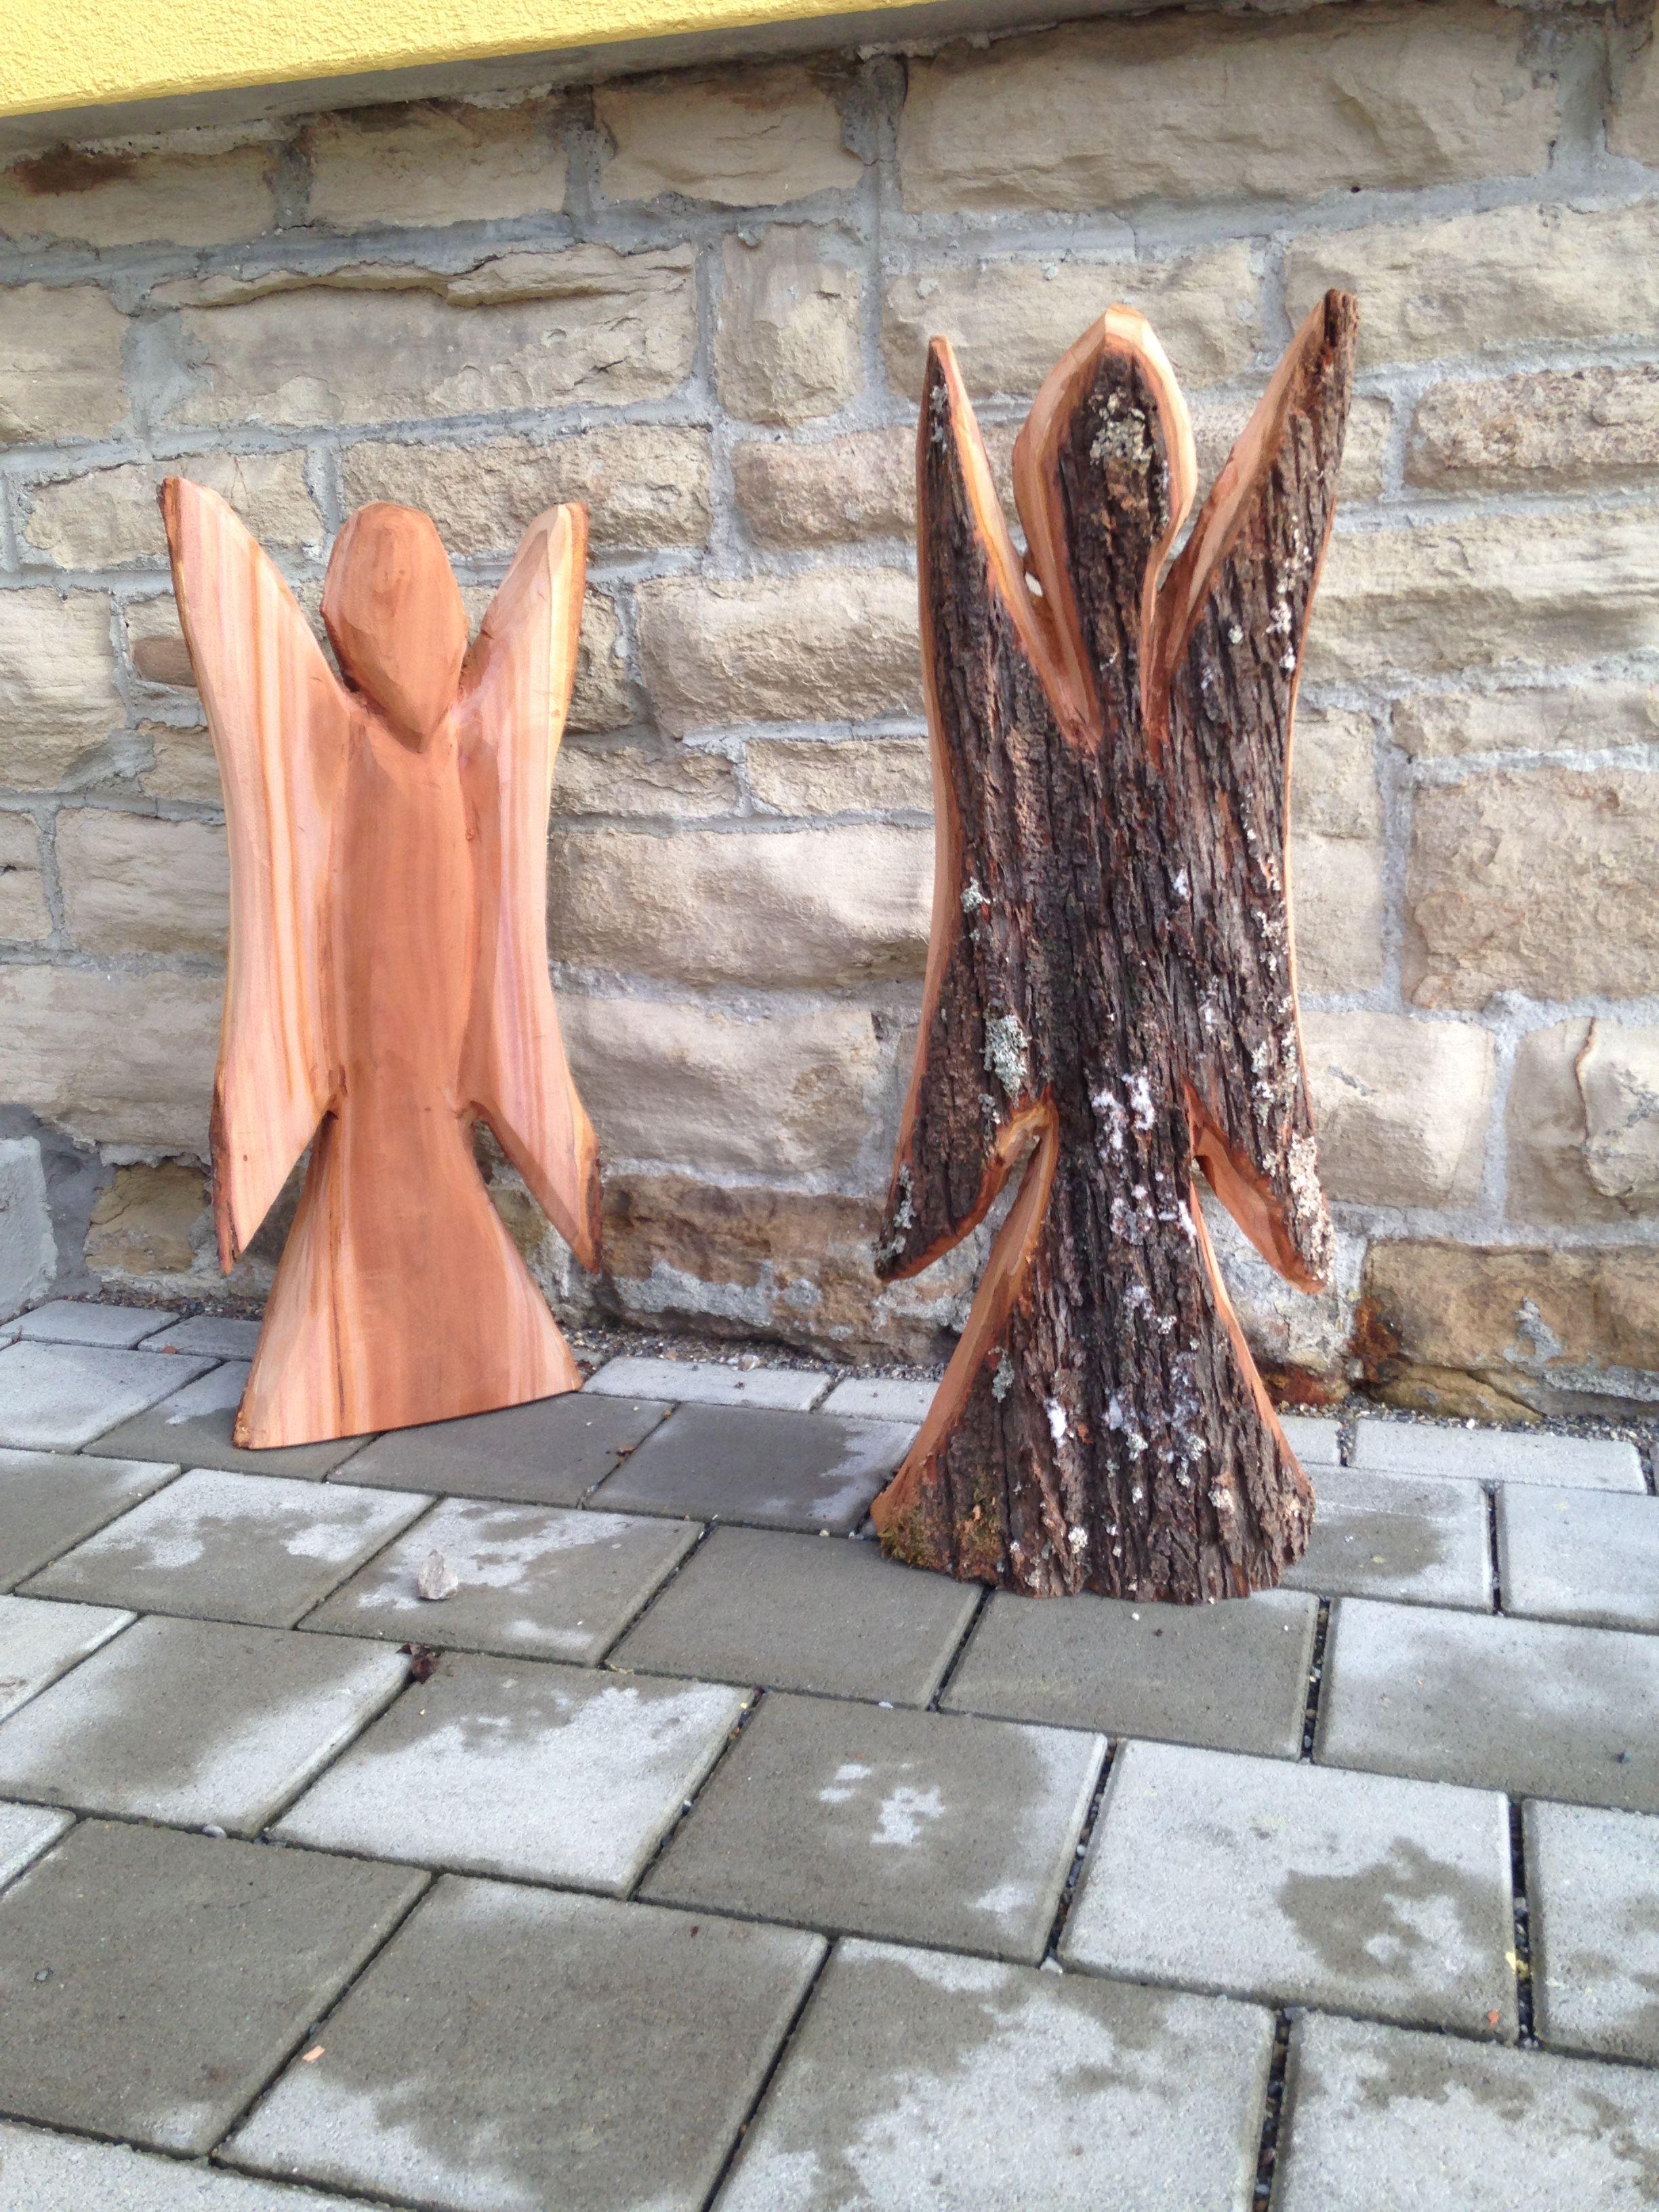 Engel selbermachen! weihnachten in diy manier. chainsaw carving